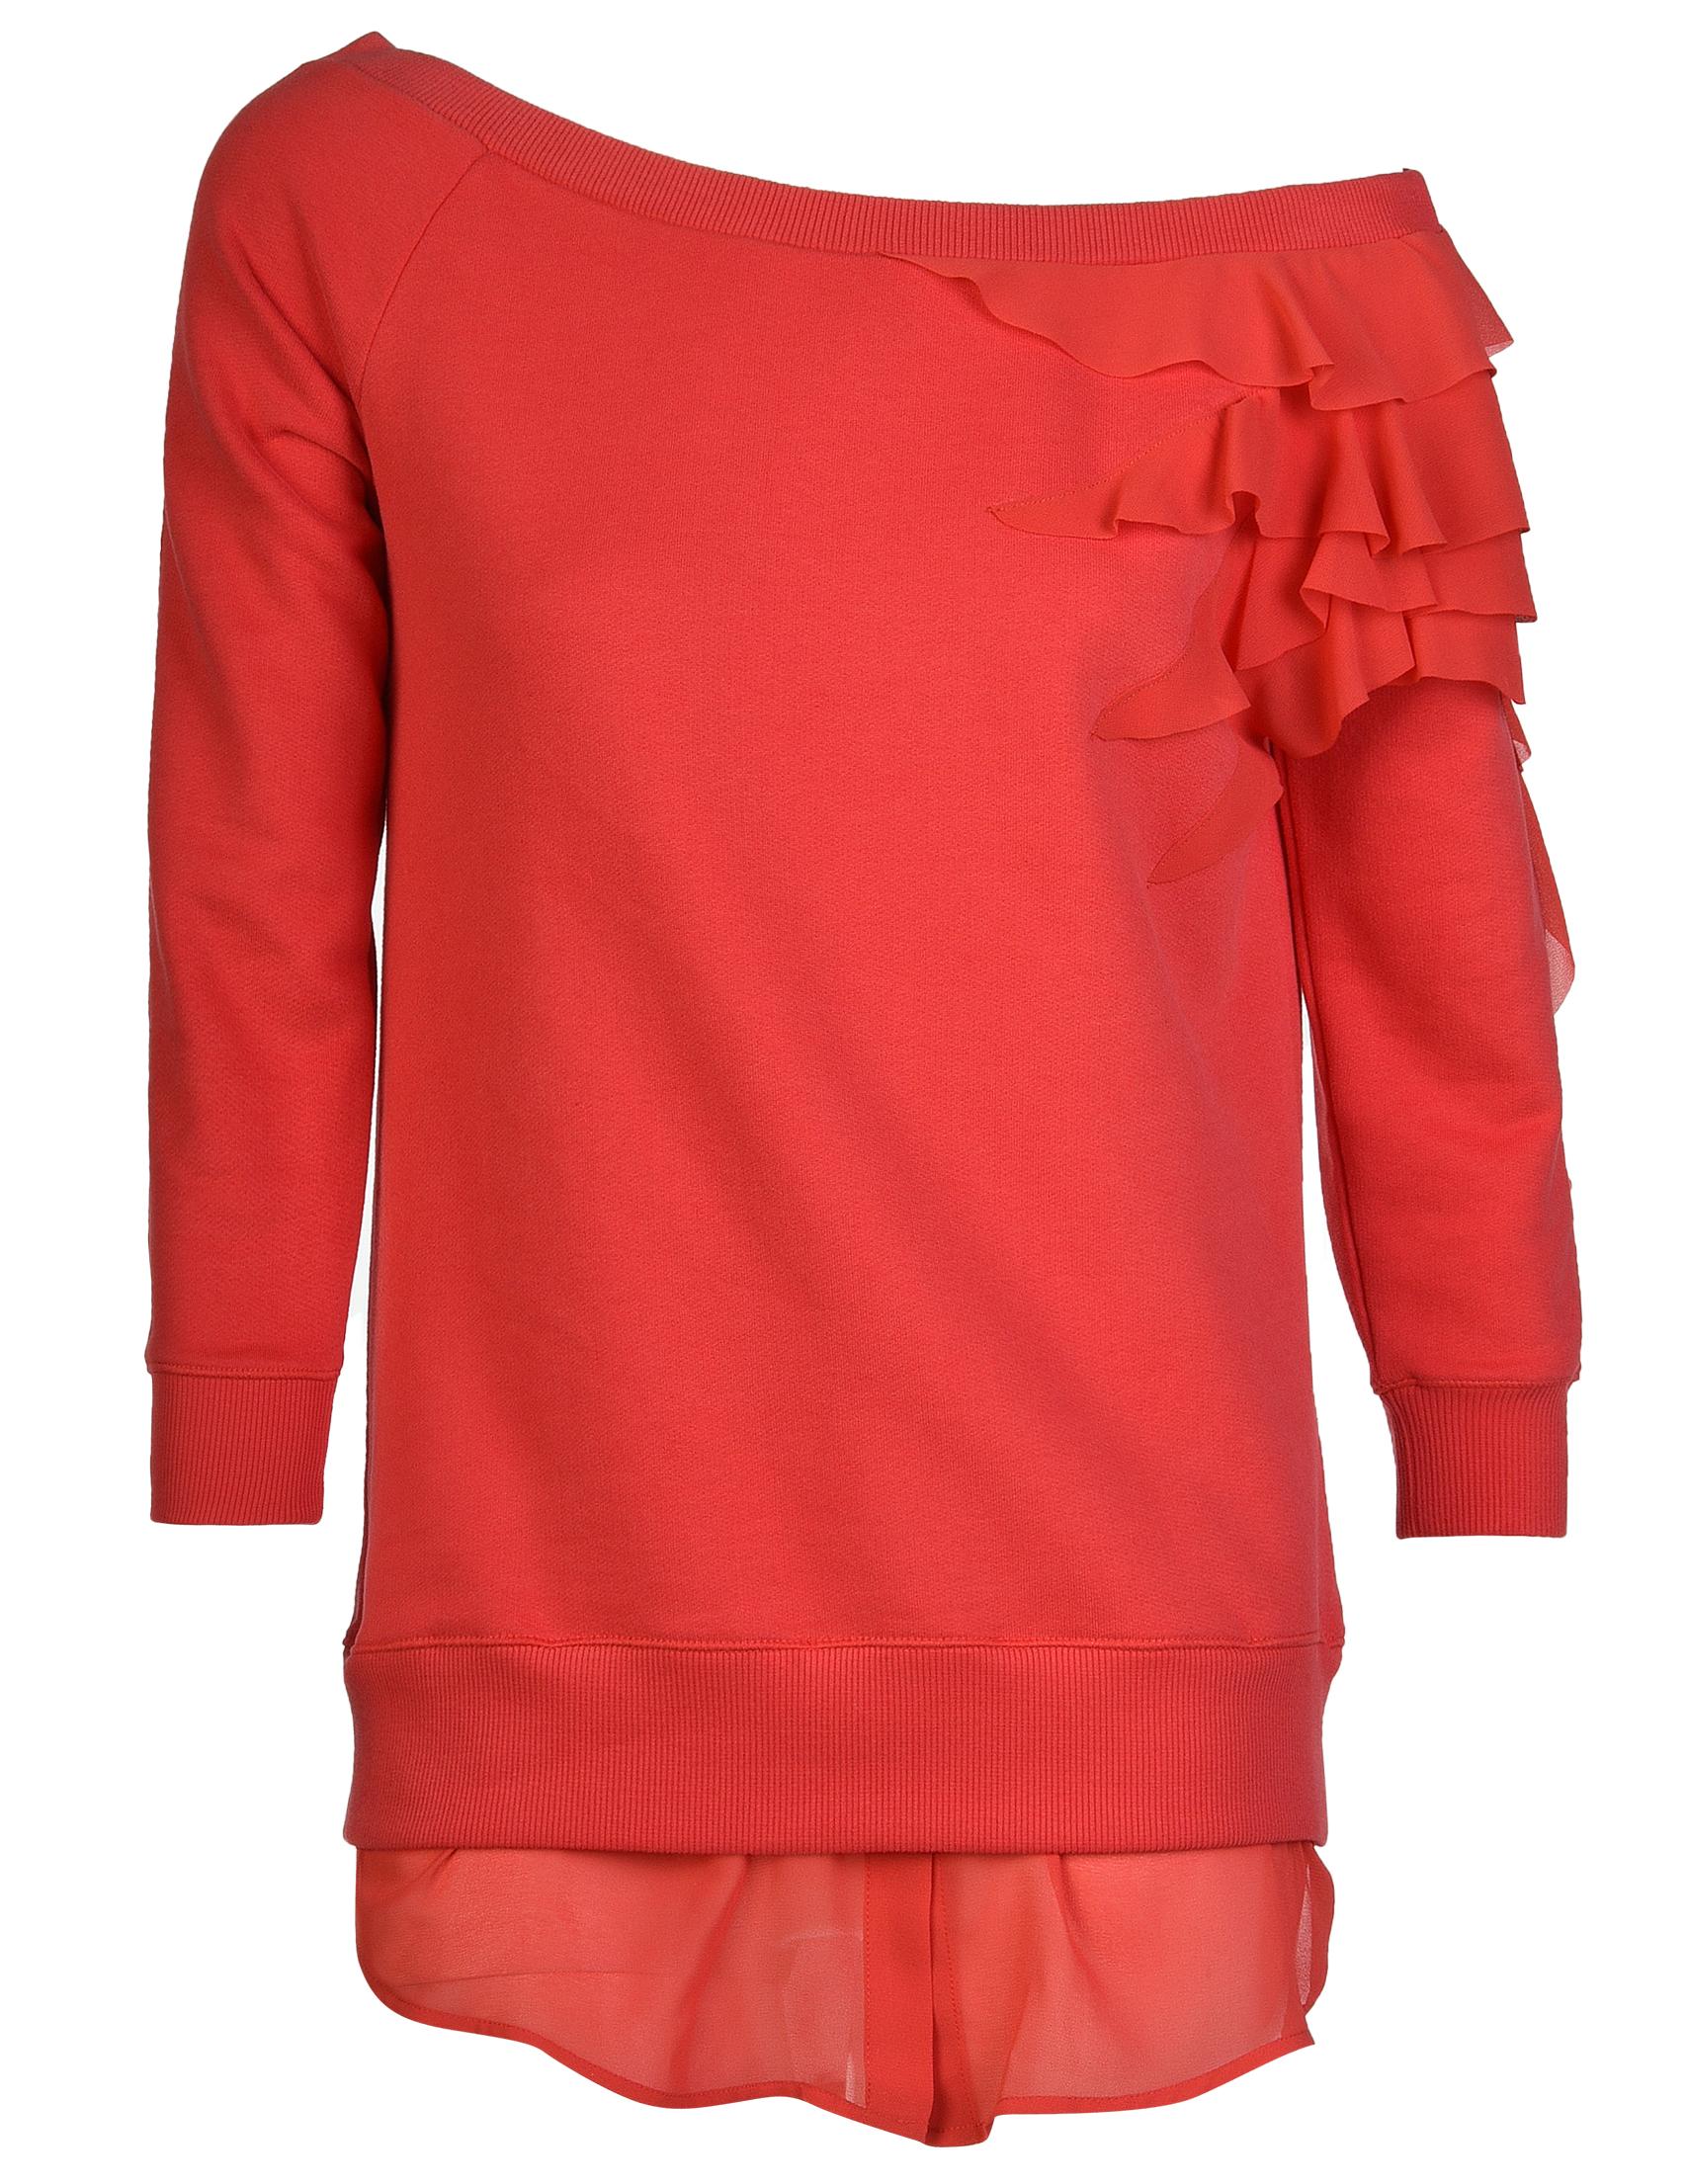 Купить Джемпер, PATRIZIA PEPE, Красный, 100%Хлопок, Осень-Зима